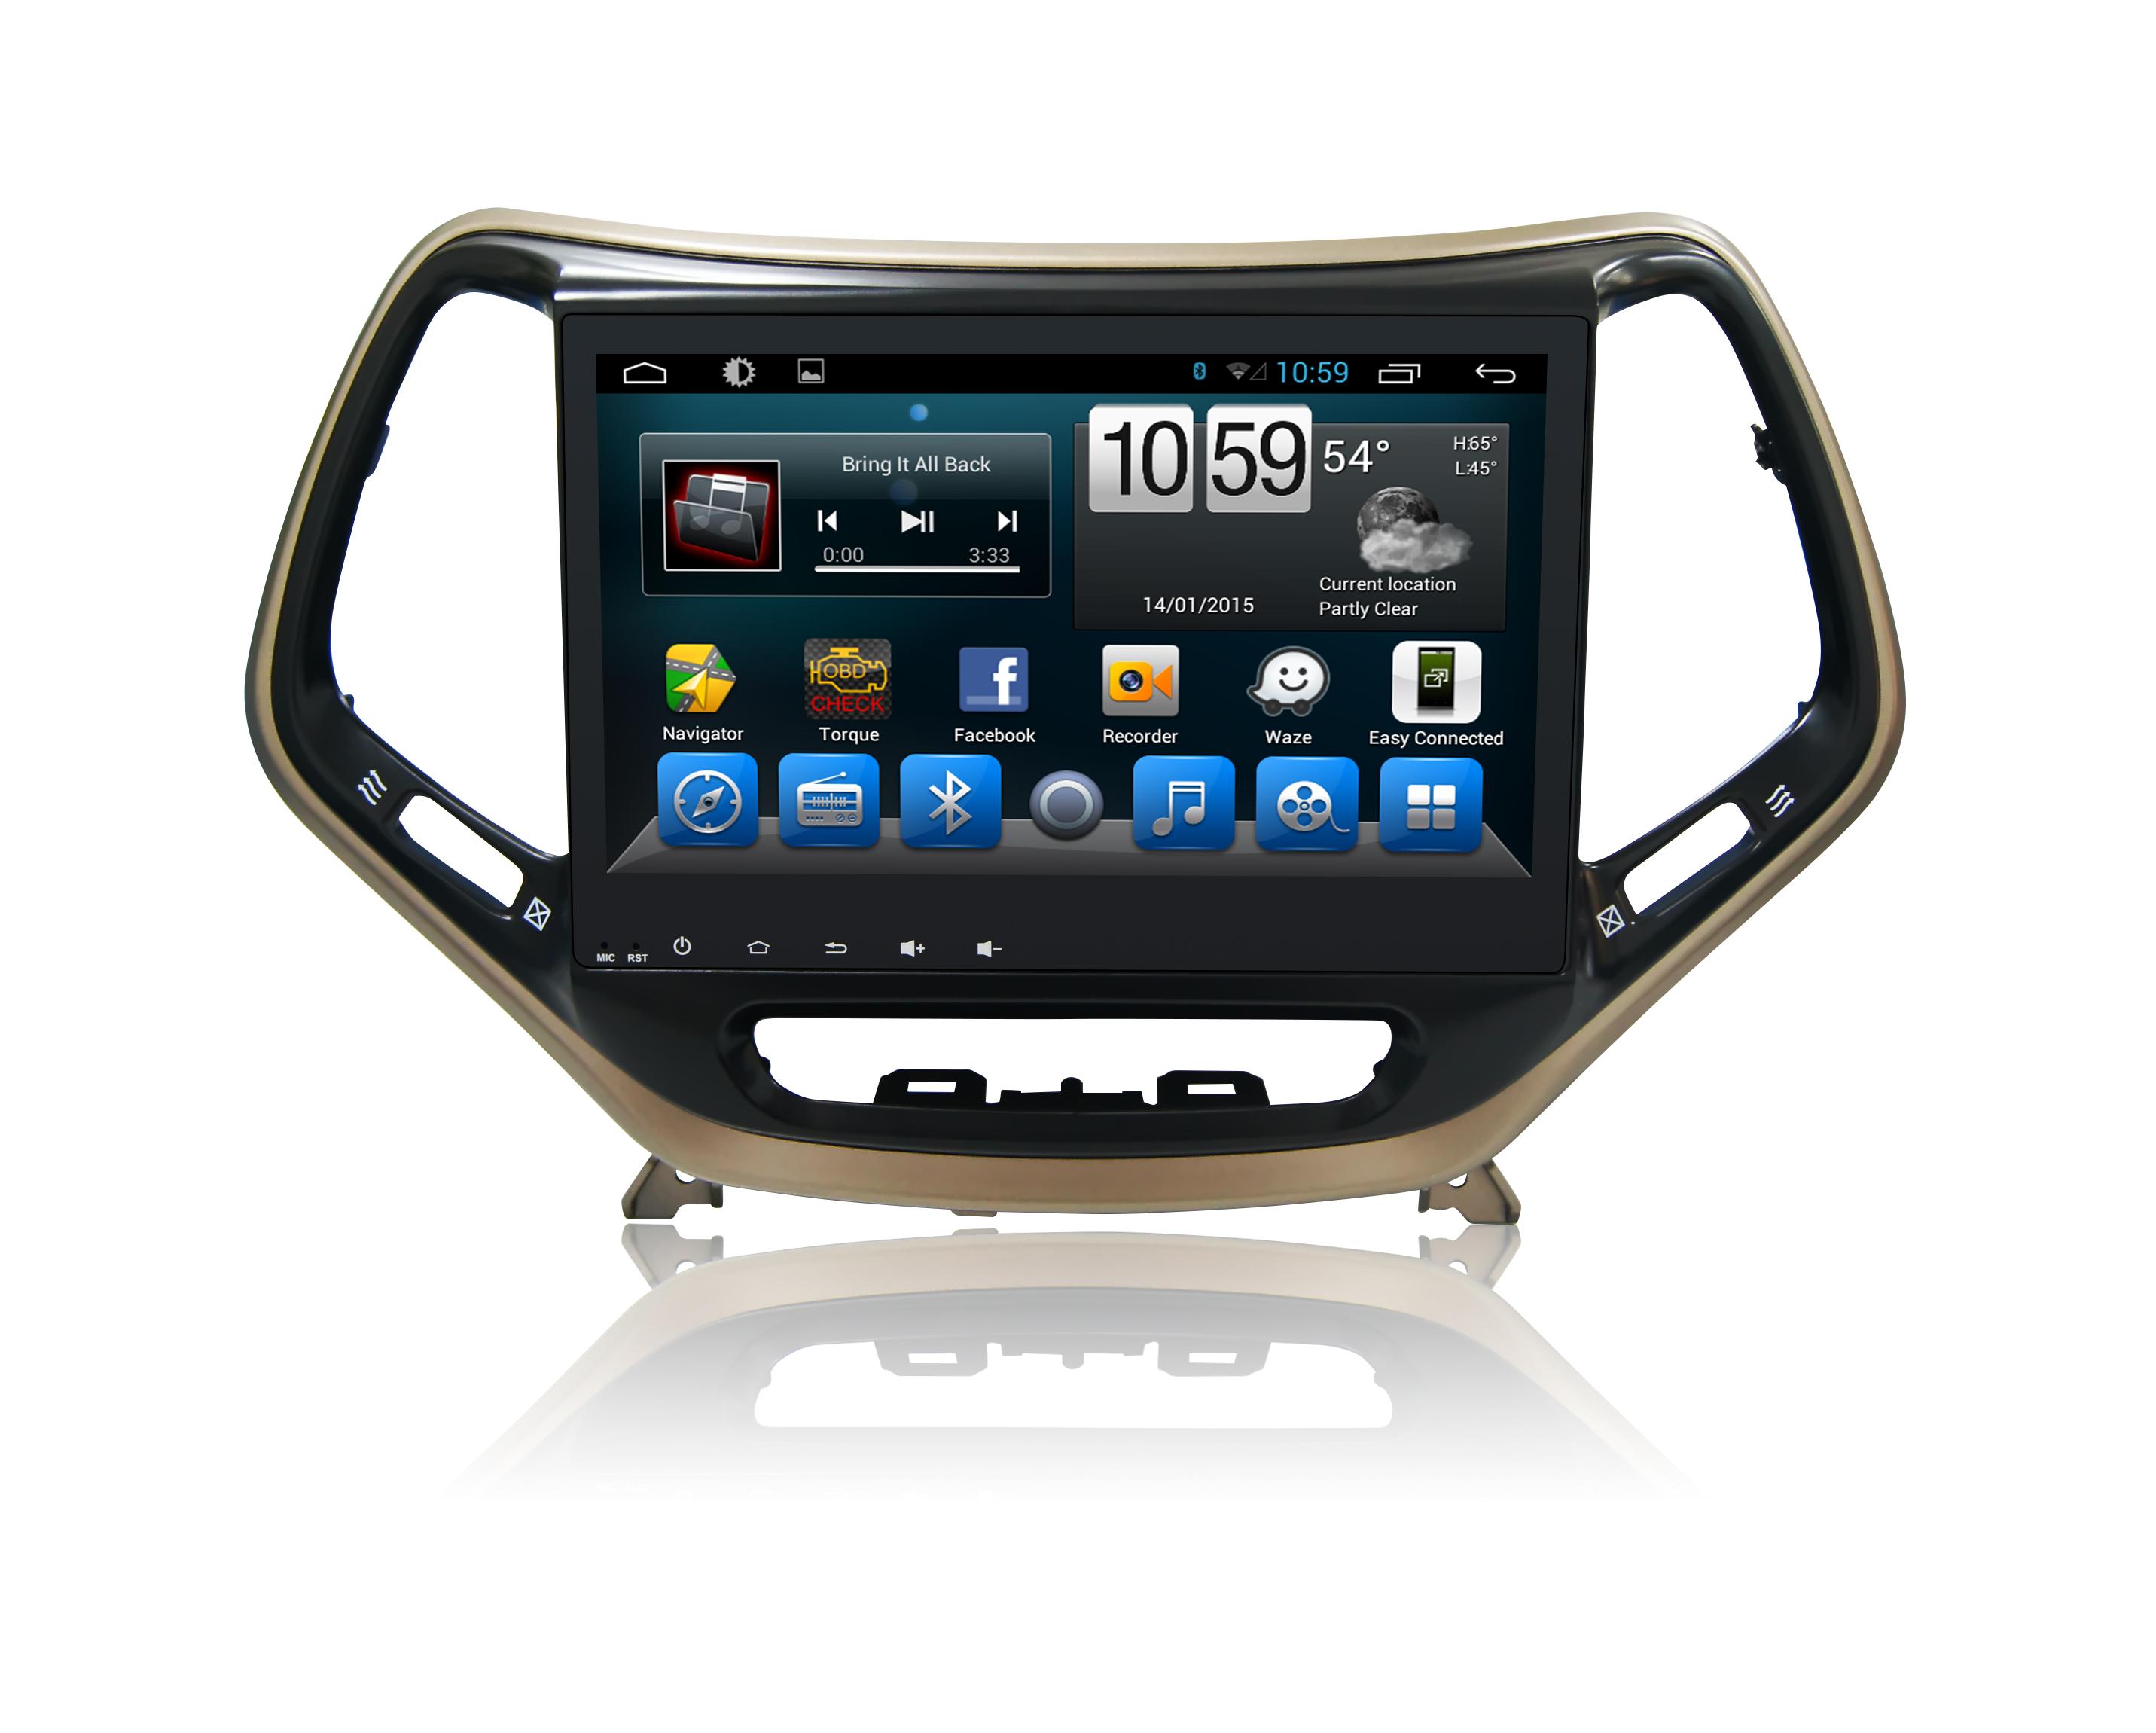 Штатная магнитола CARMEDIA QR-1057-T8 Jeep Cherokee 2014+ на OC Android 7.1.2 (+ камера заднего вида) штатная магнитола carmedia ol 9256 9 tesla style c600 jeep cherokee 2014